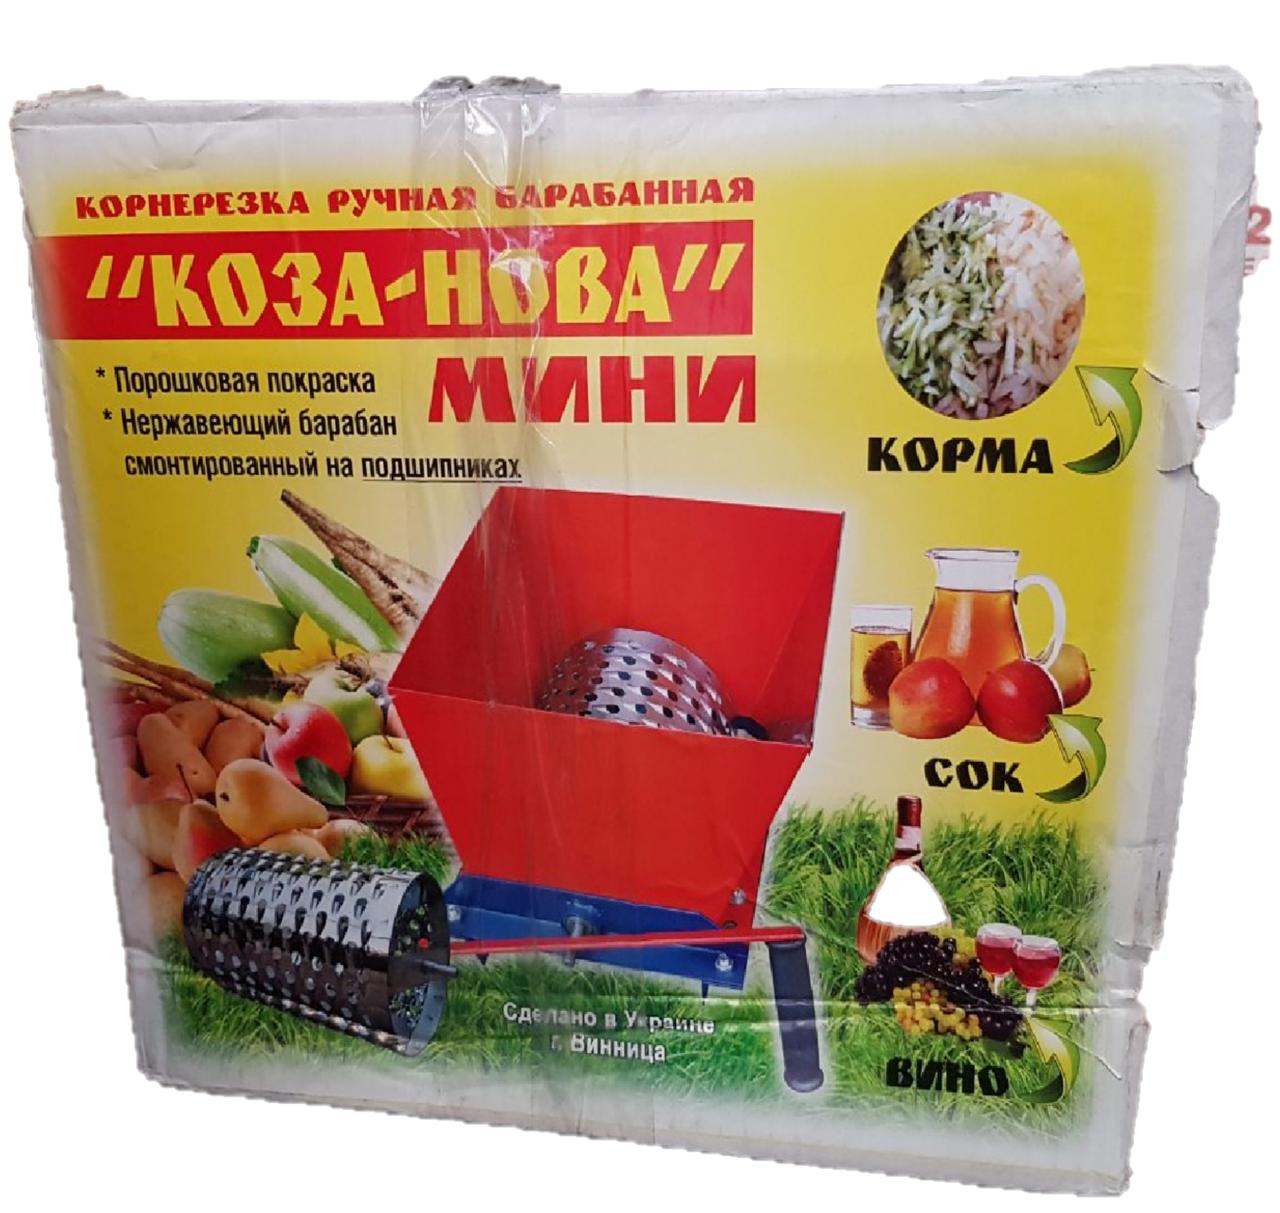 Ручная корморезка КОЗА-НОВА  мини